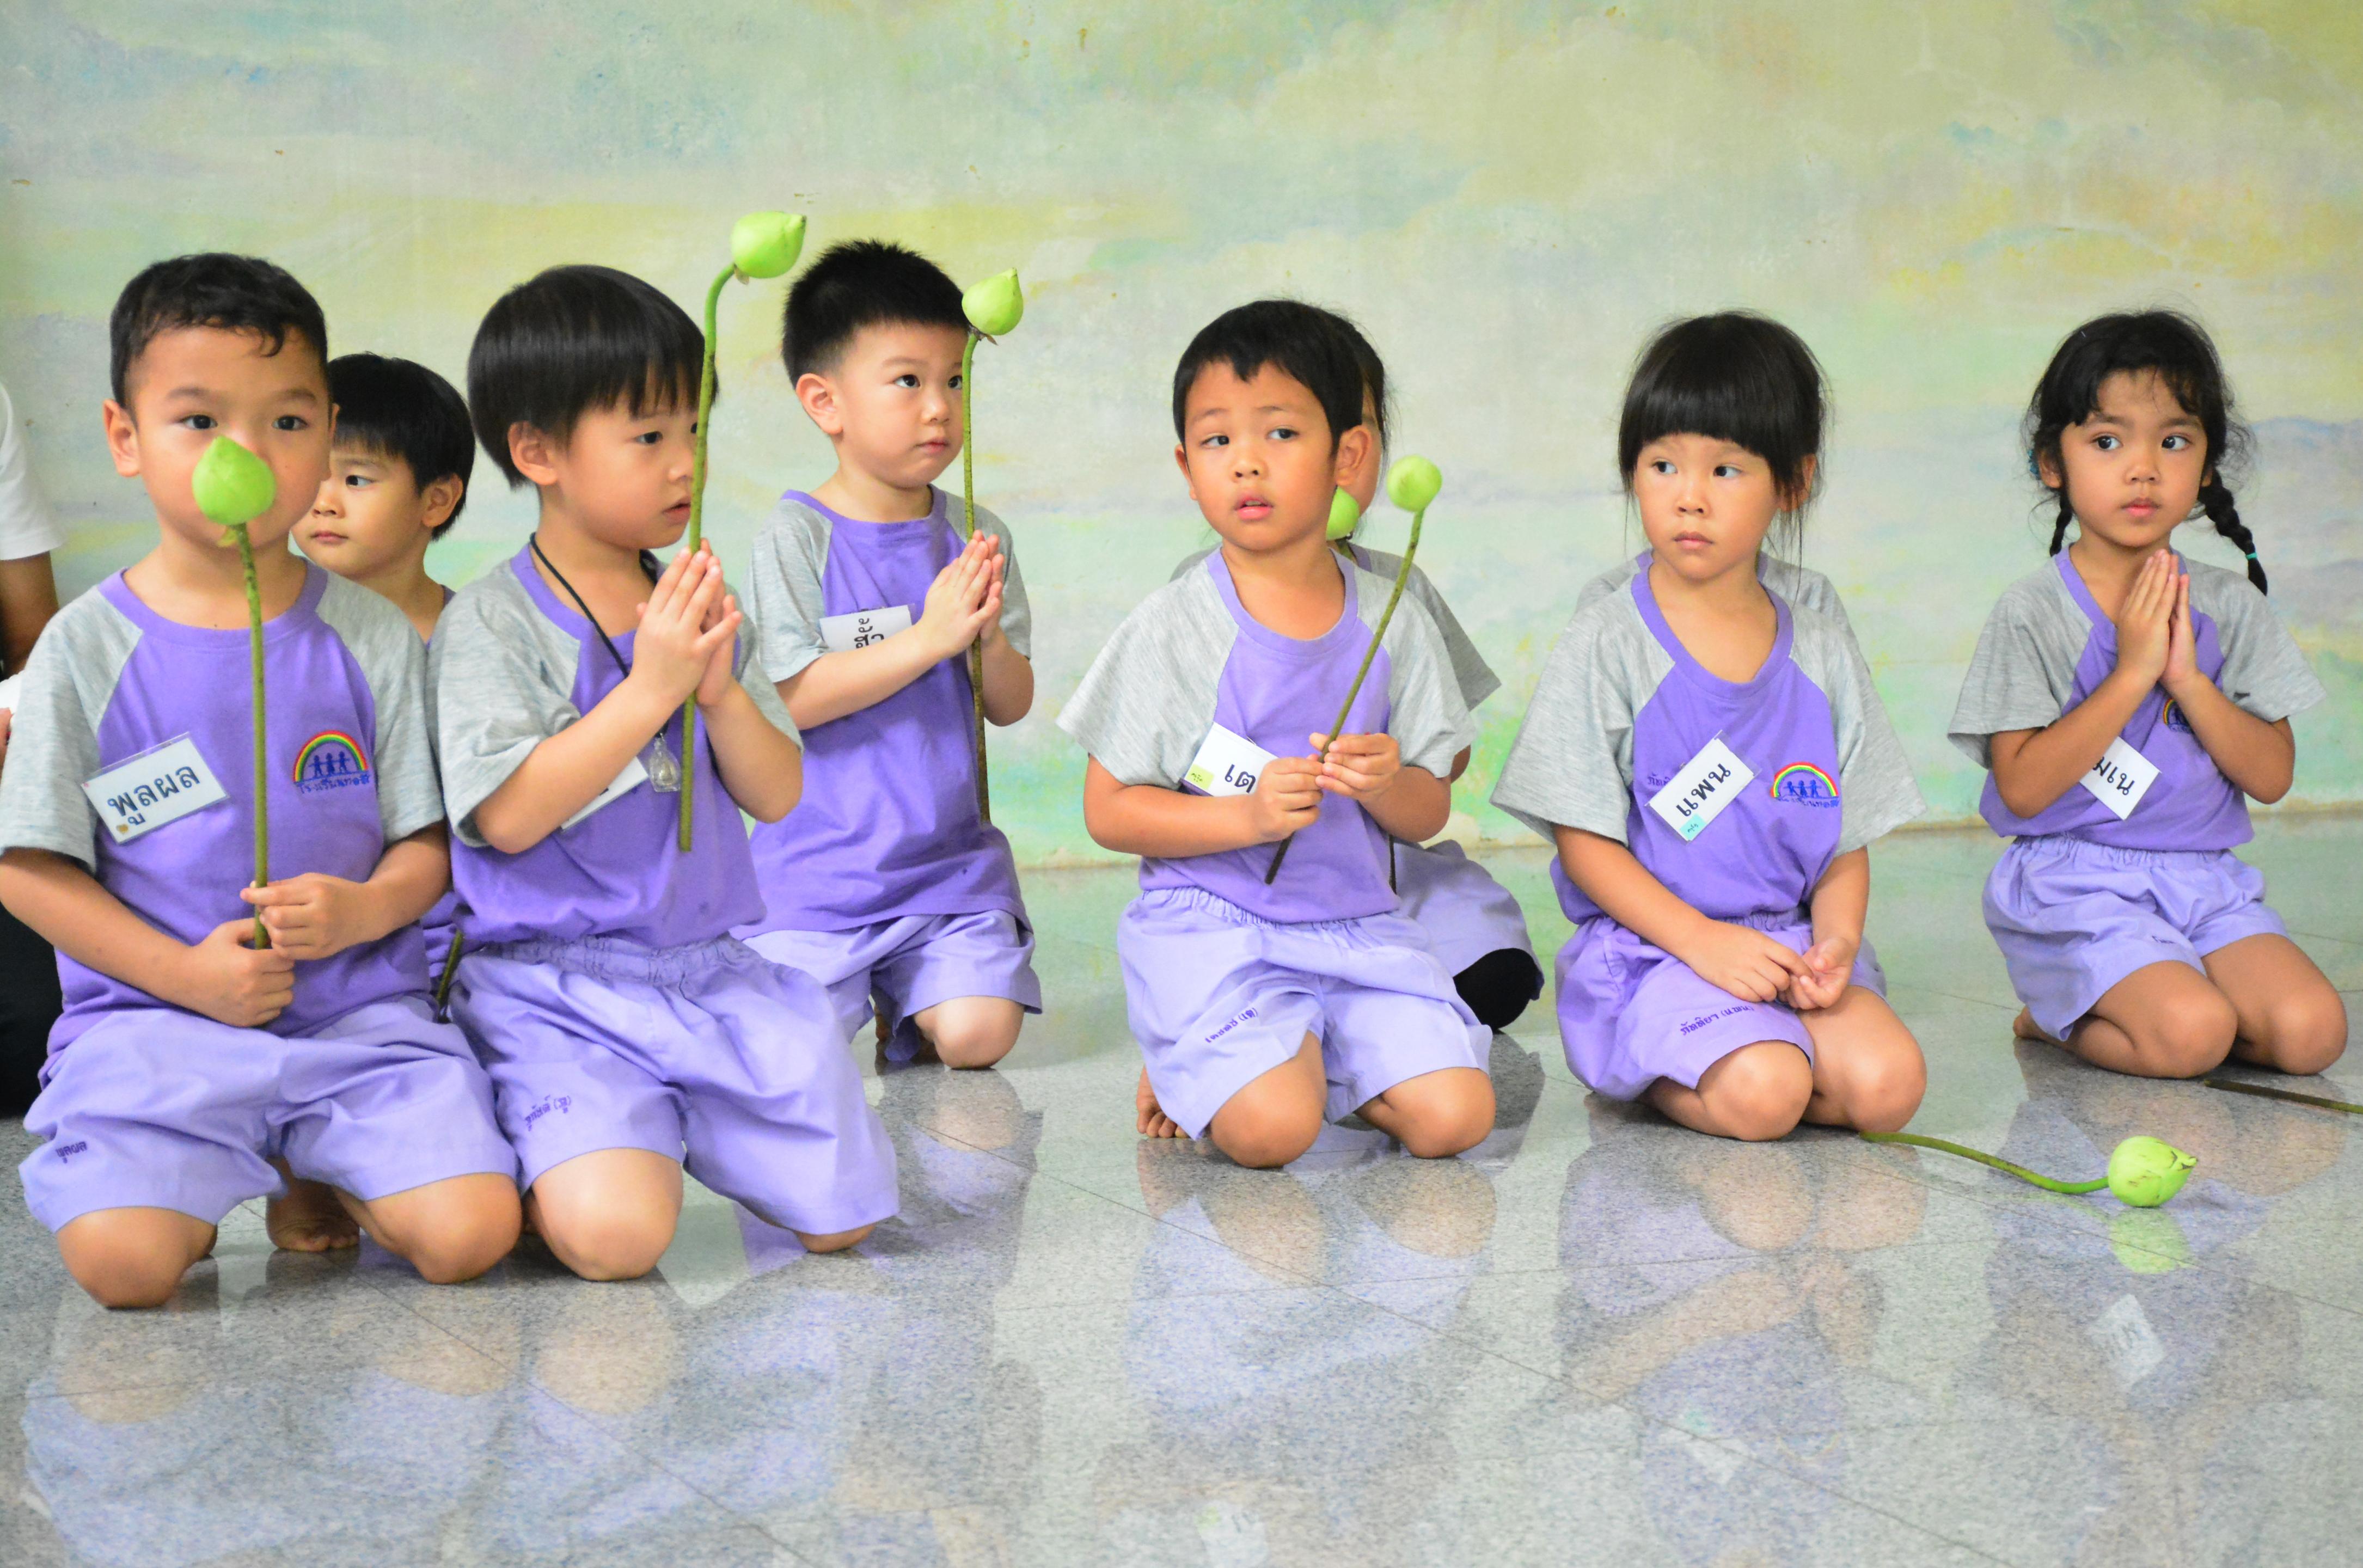 เรียนรู้ธรรมชาตินอกโรงเรียน กับ เด็กๆ อ.๒